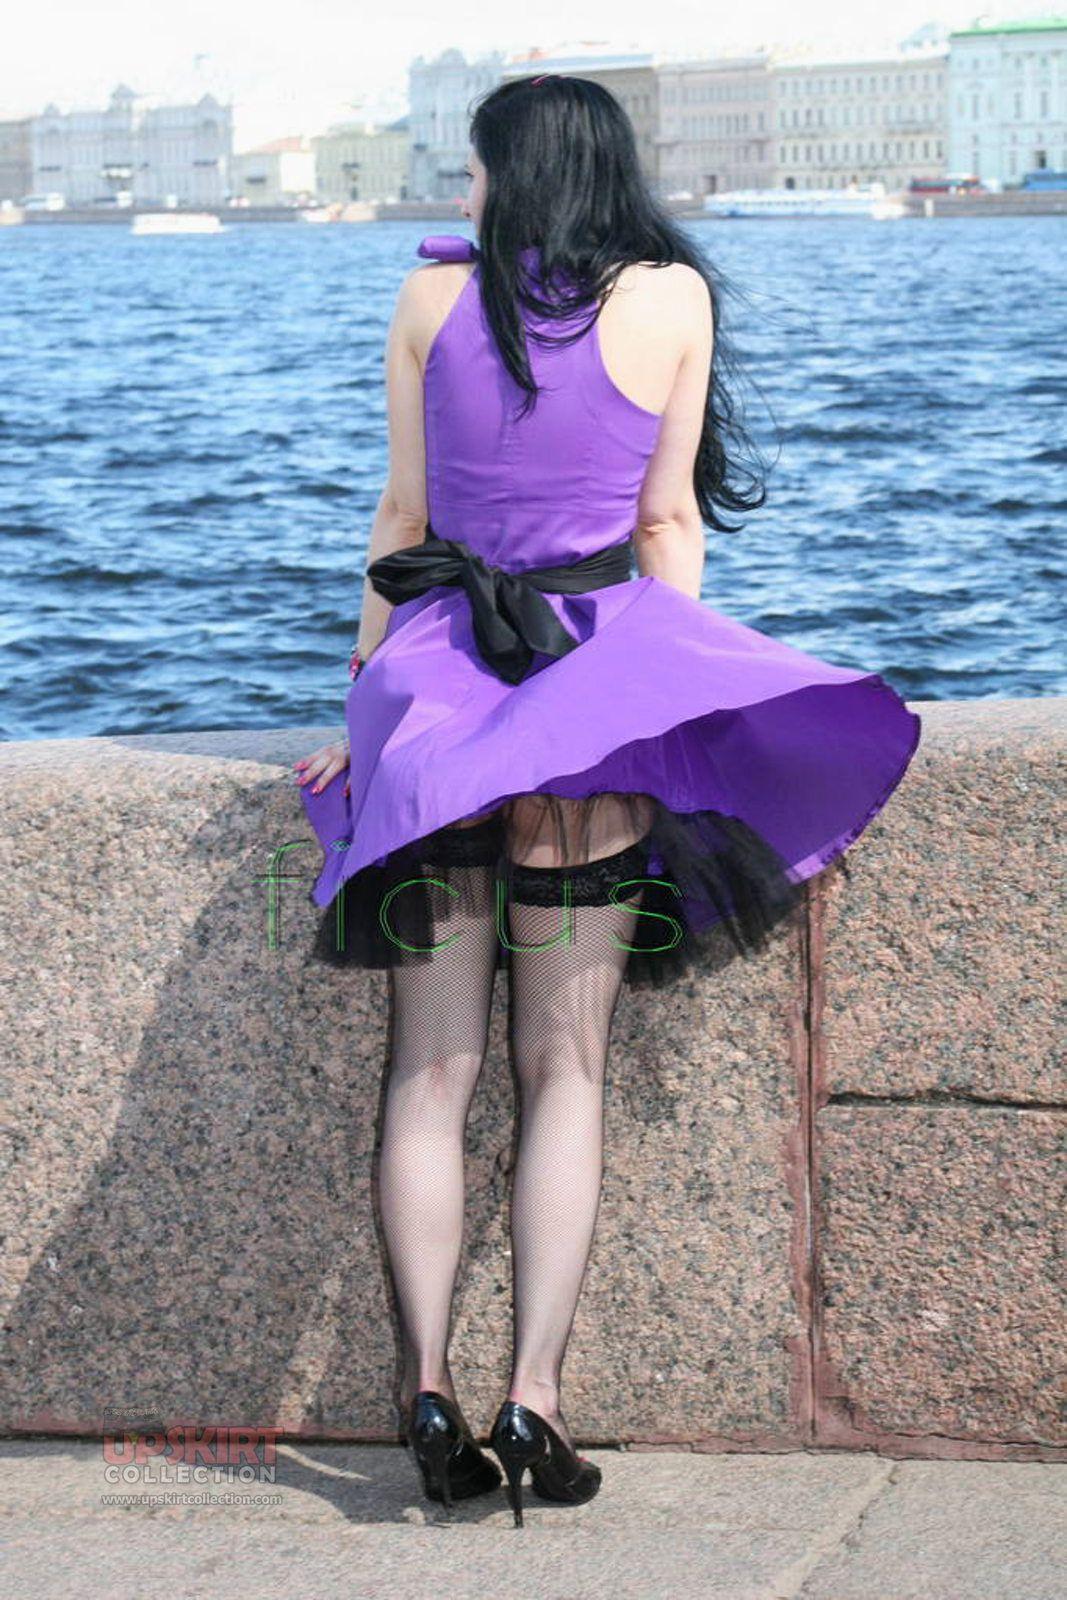 【パンチラエロ画像】スカートは風に任せた外人さん達の風チラの瞬間!(;^ω^)